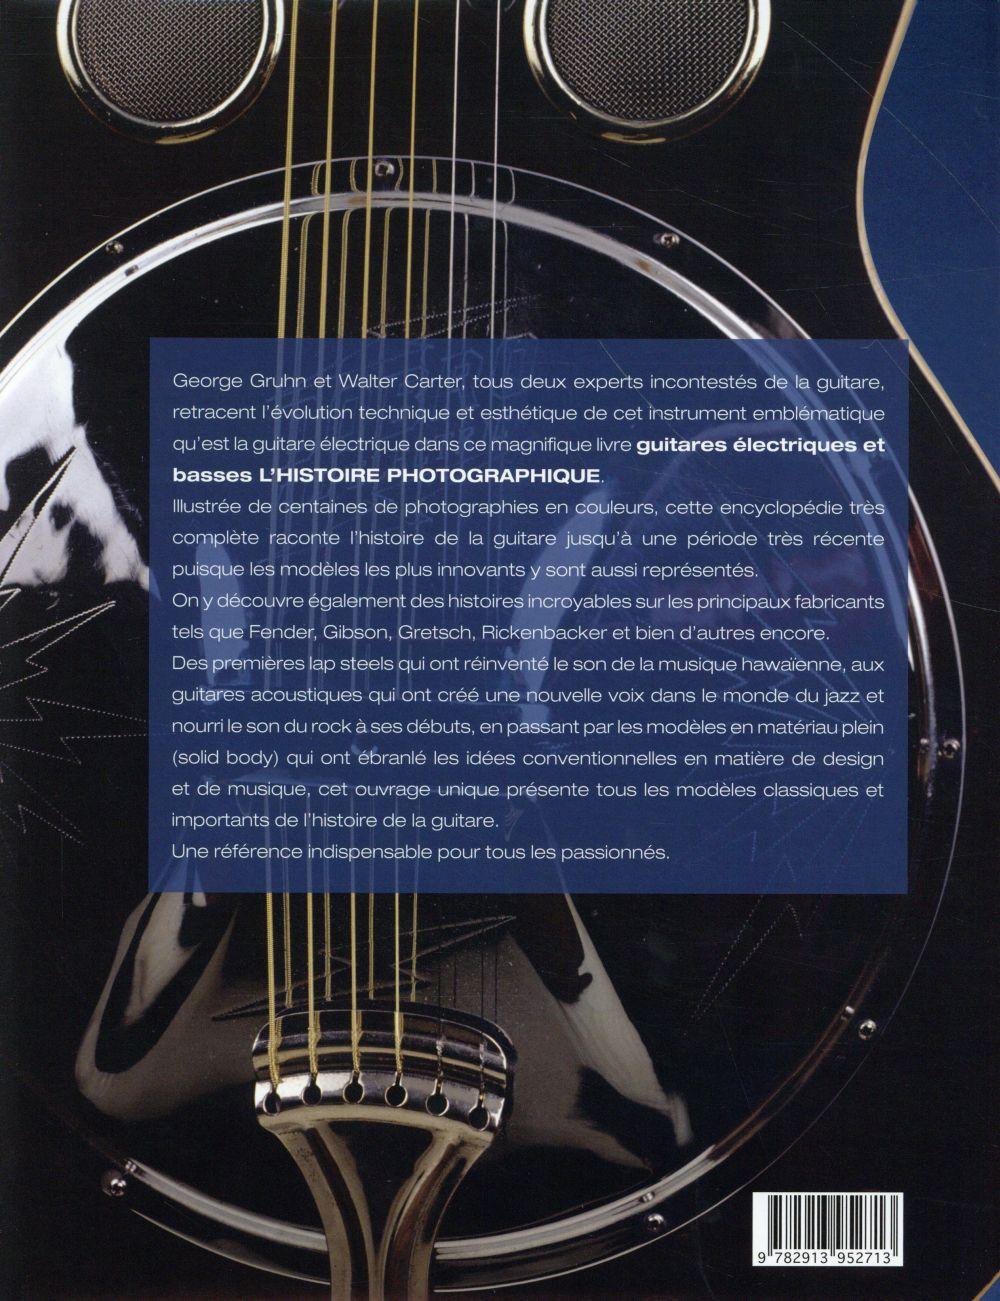 Guitares électriques et basses ; l'histoire photographique